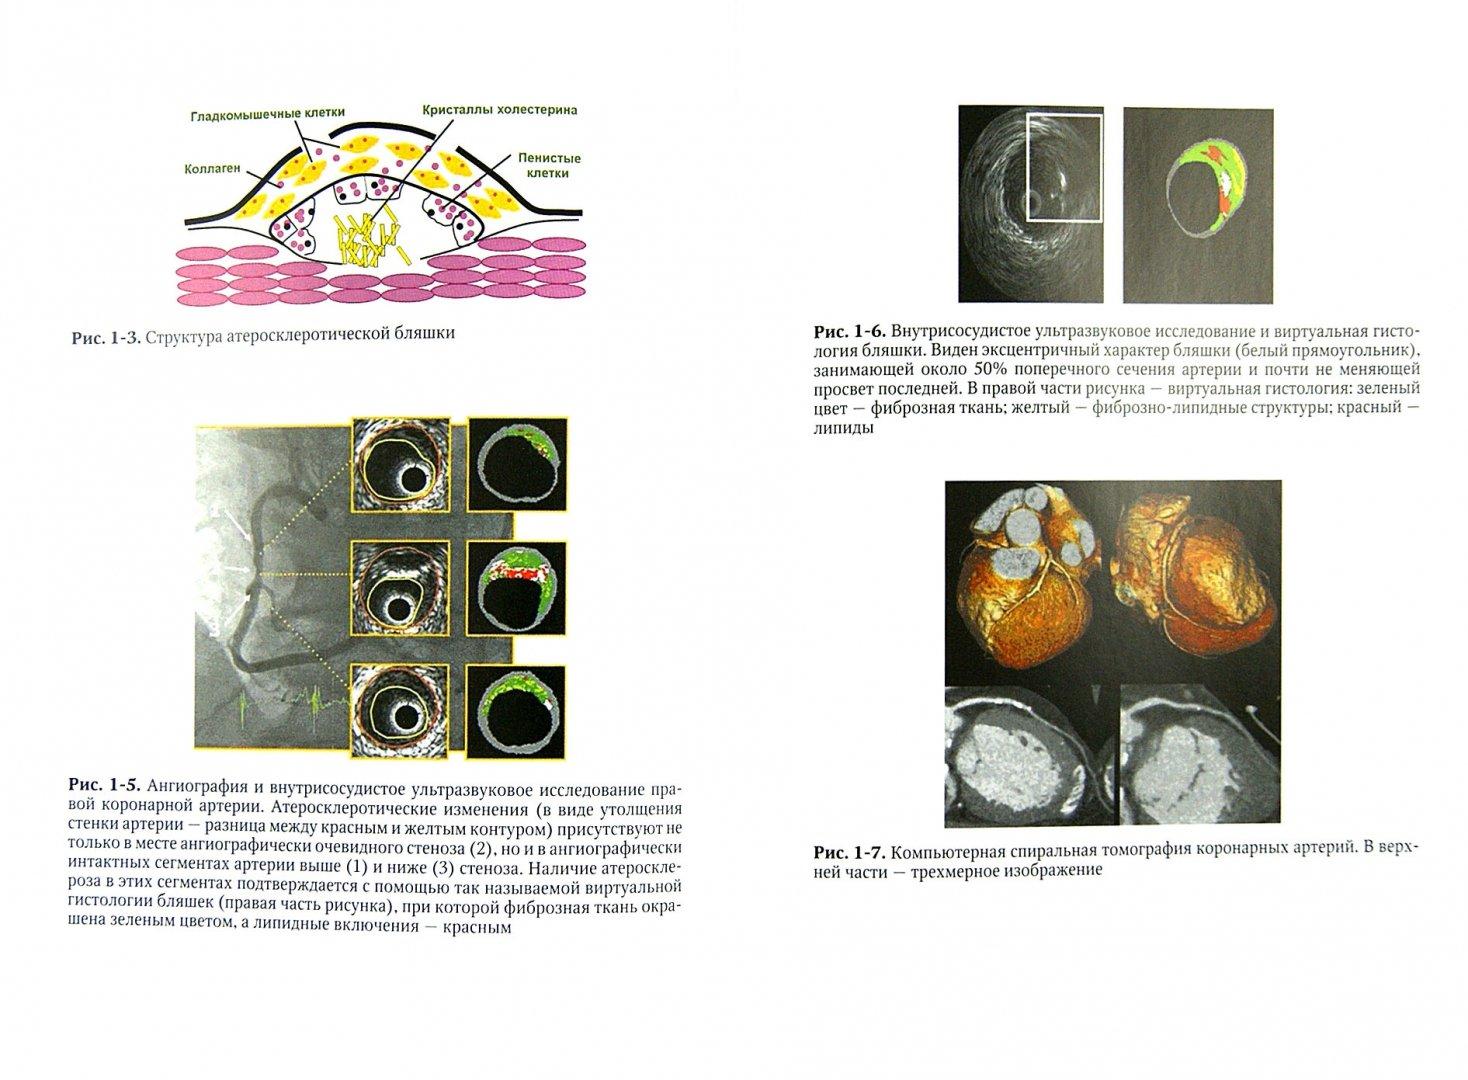 Иллюстрация 1 из 32 для Внутренние болезни. Учебник. В 2-х томах. Том 1 - Моисеев, Мартынов, Мухин | Лабиринт - книги. Источник: Лабиринт